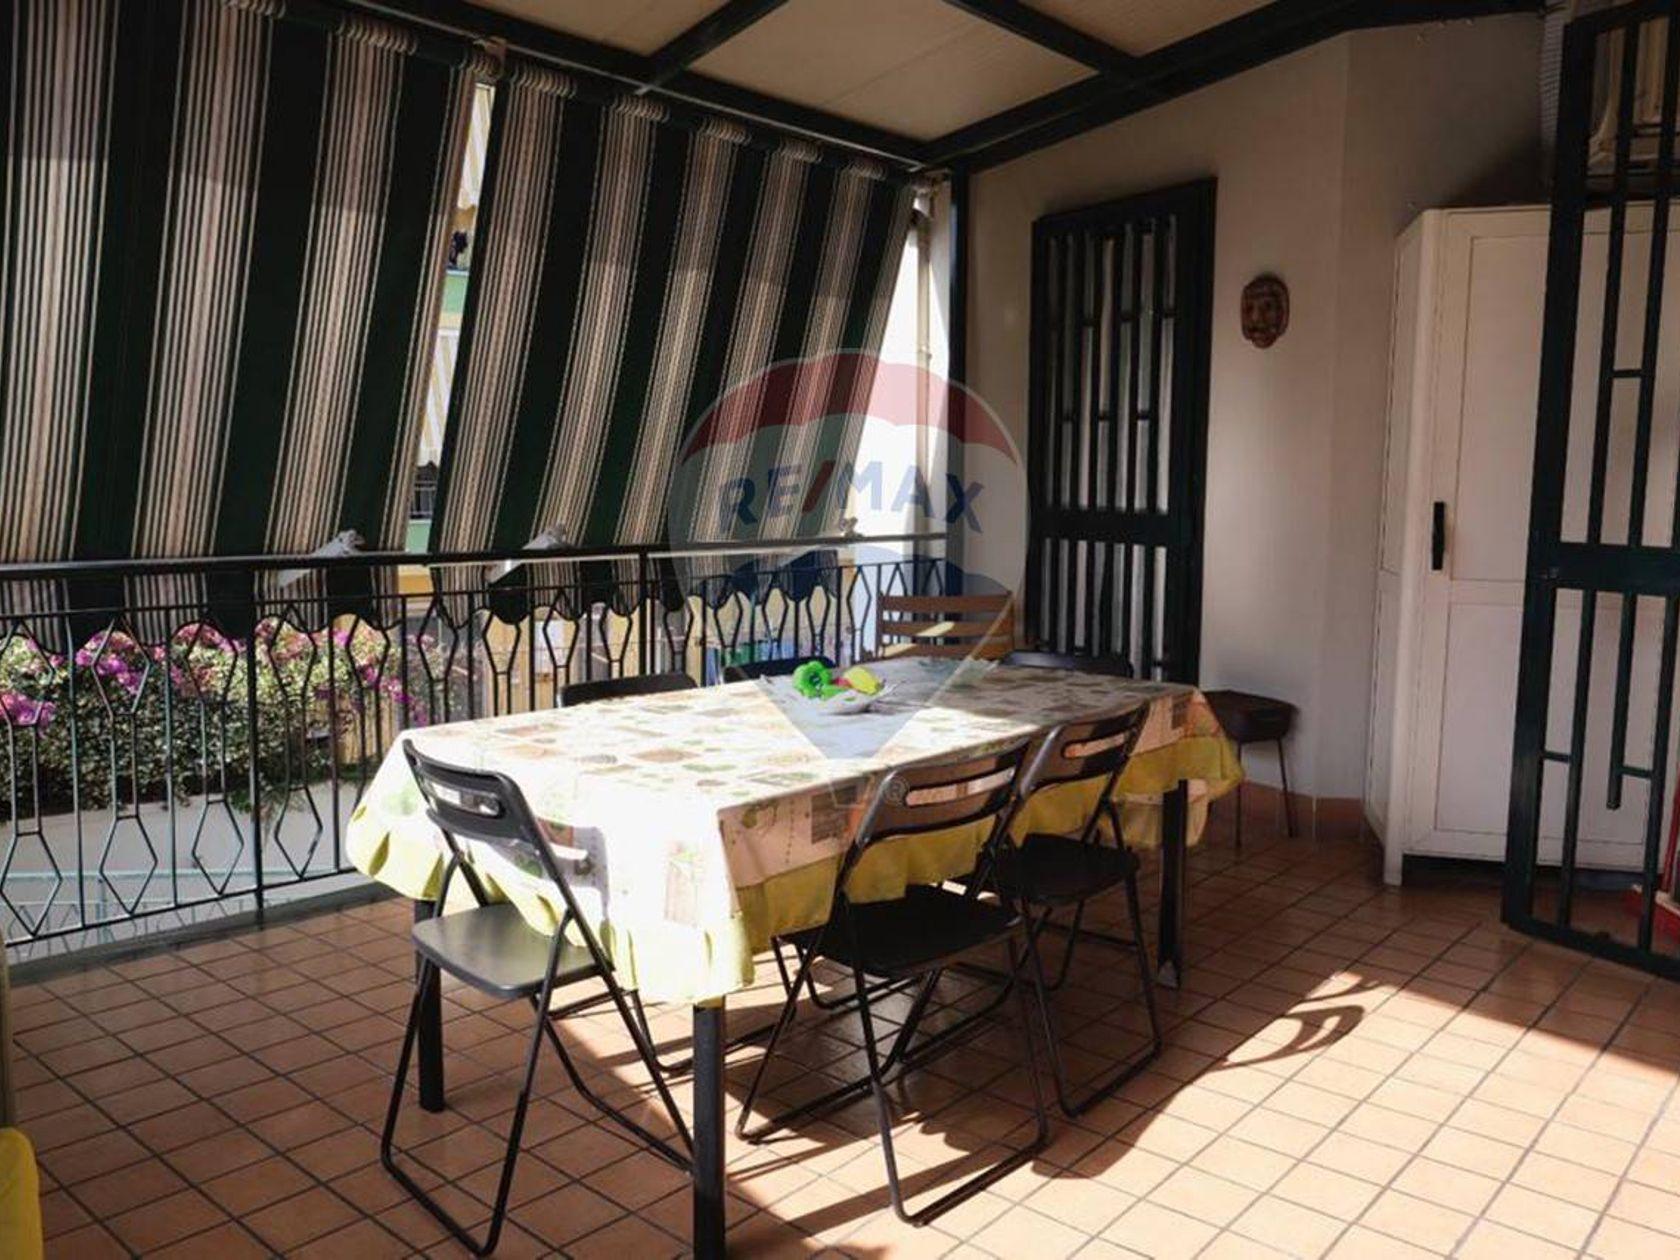 Casa Indipendente Zona stazione, Aversa, CE Vendita - Foto 5